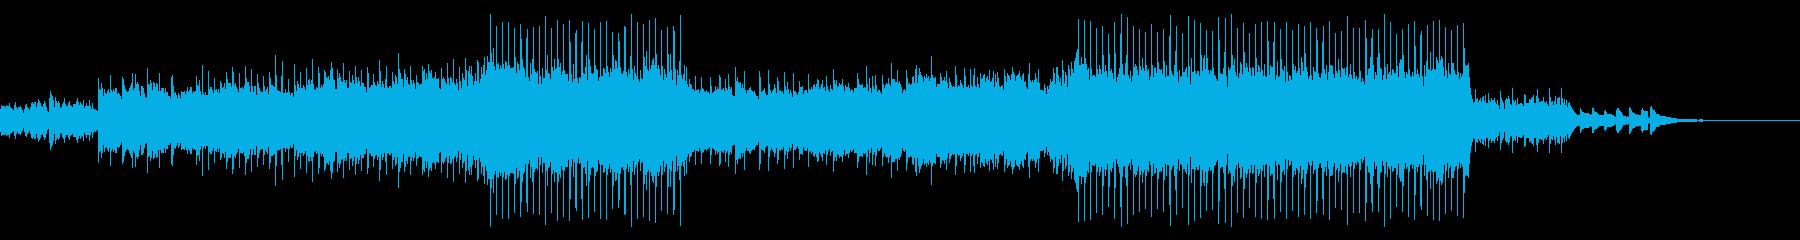 【メロディ抜き】サビのある綺麗なピアノバの再生済みの波形